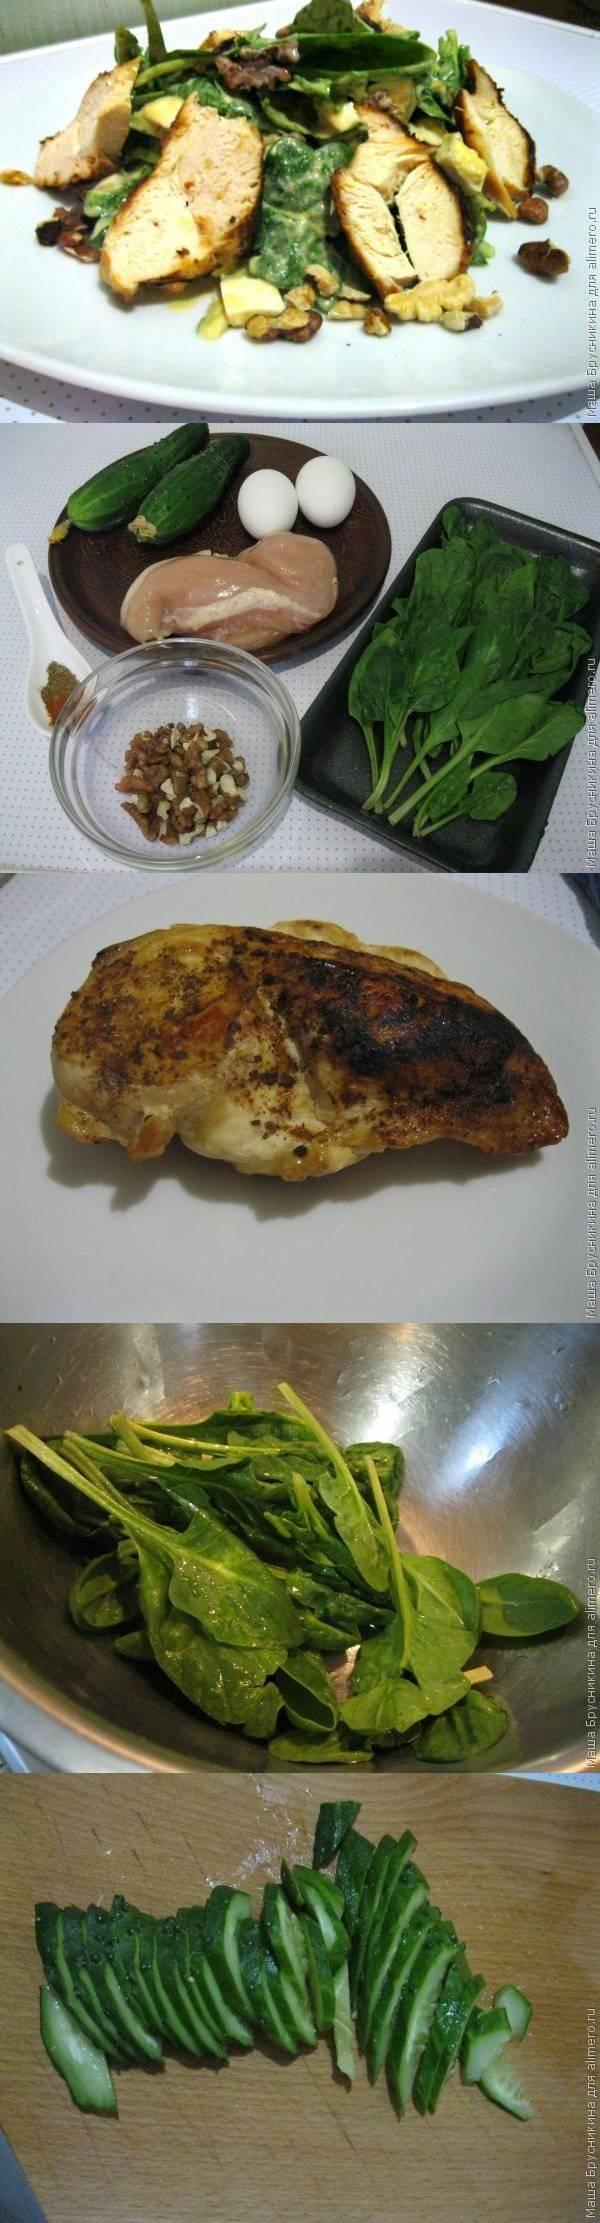 Салат со свежим шпинатом, грецкими орехами и  куриным филе